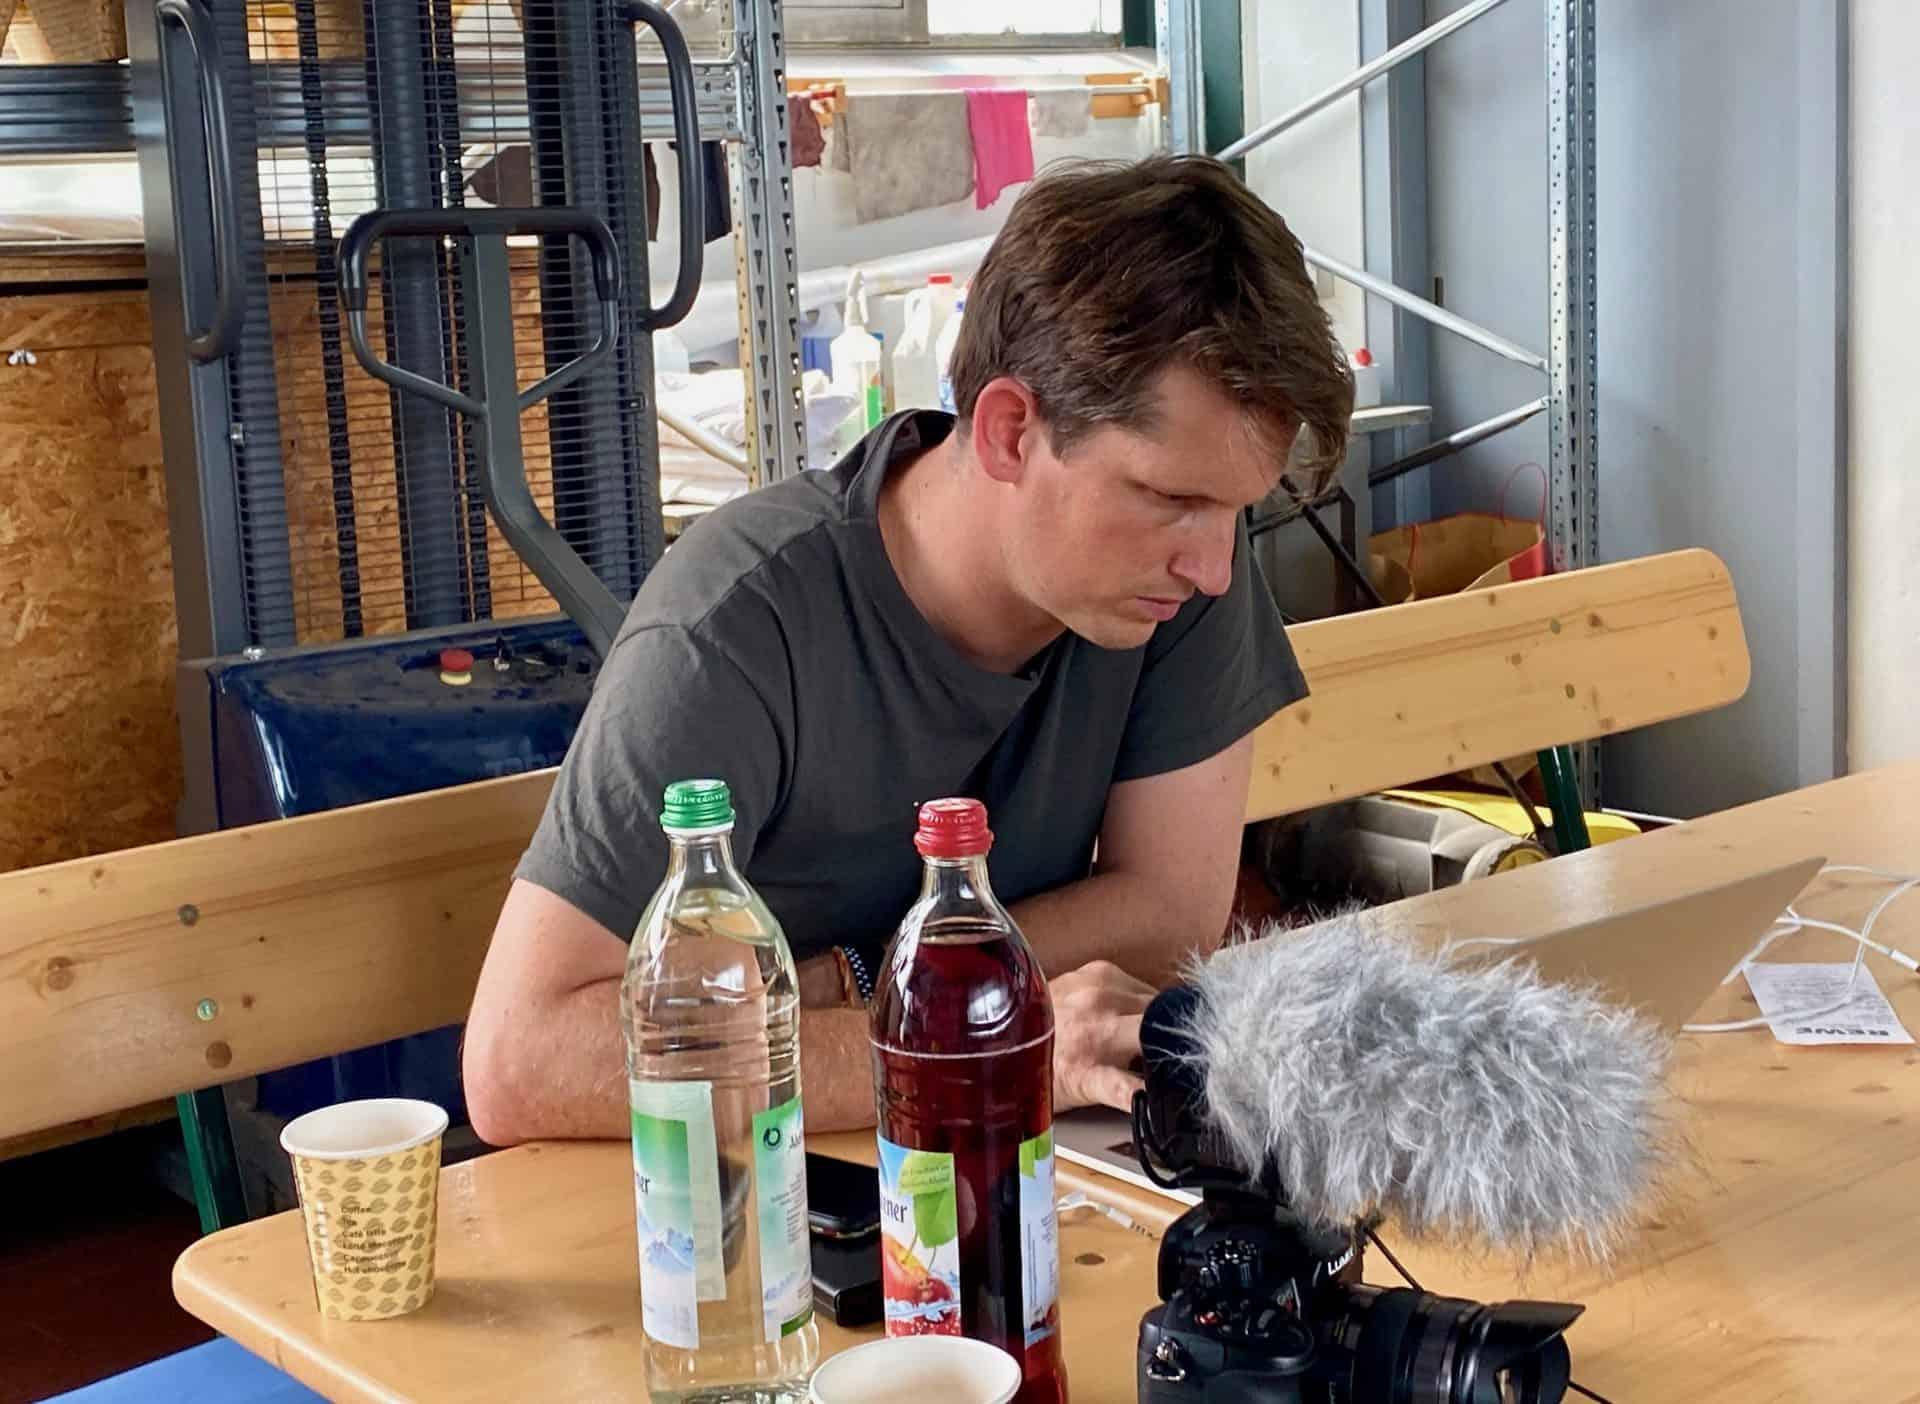 Gastankflaschen-Einbau-Video-Komponenten-Kameramann-Michel-Videoschnitt